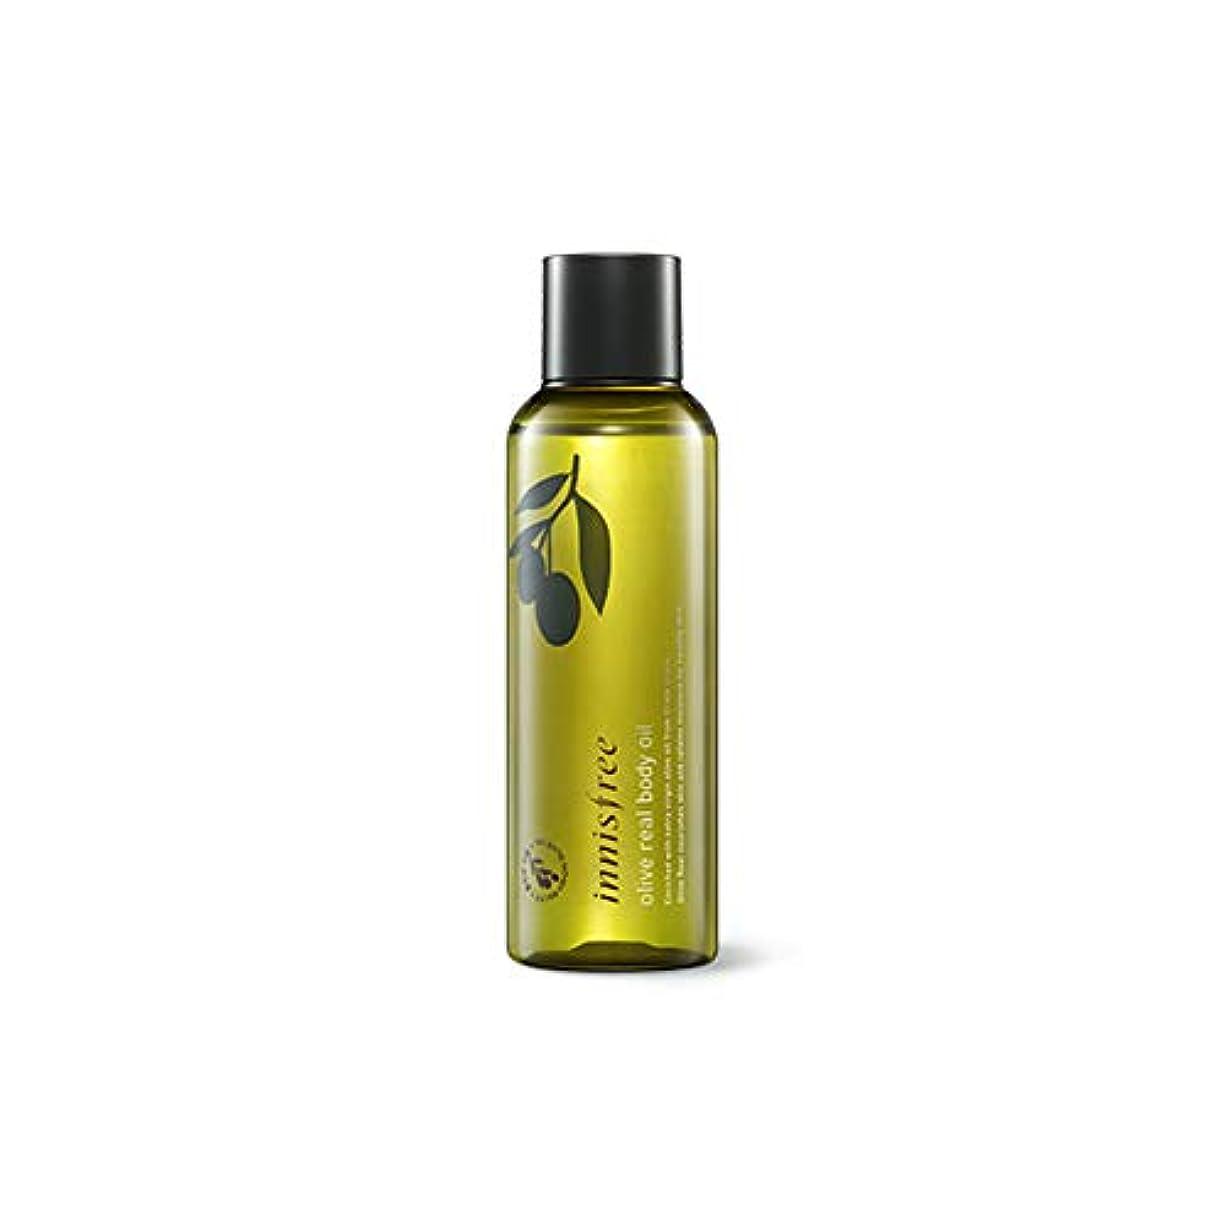 奨学金入射影響力のあるイニスフリー Innisfree オリーブリアルボディーオイル(150ml) Innisfree Olive Real Body Oil(150ml) [海外直送品]